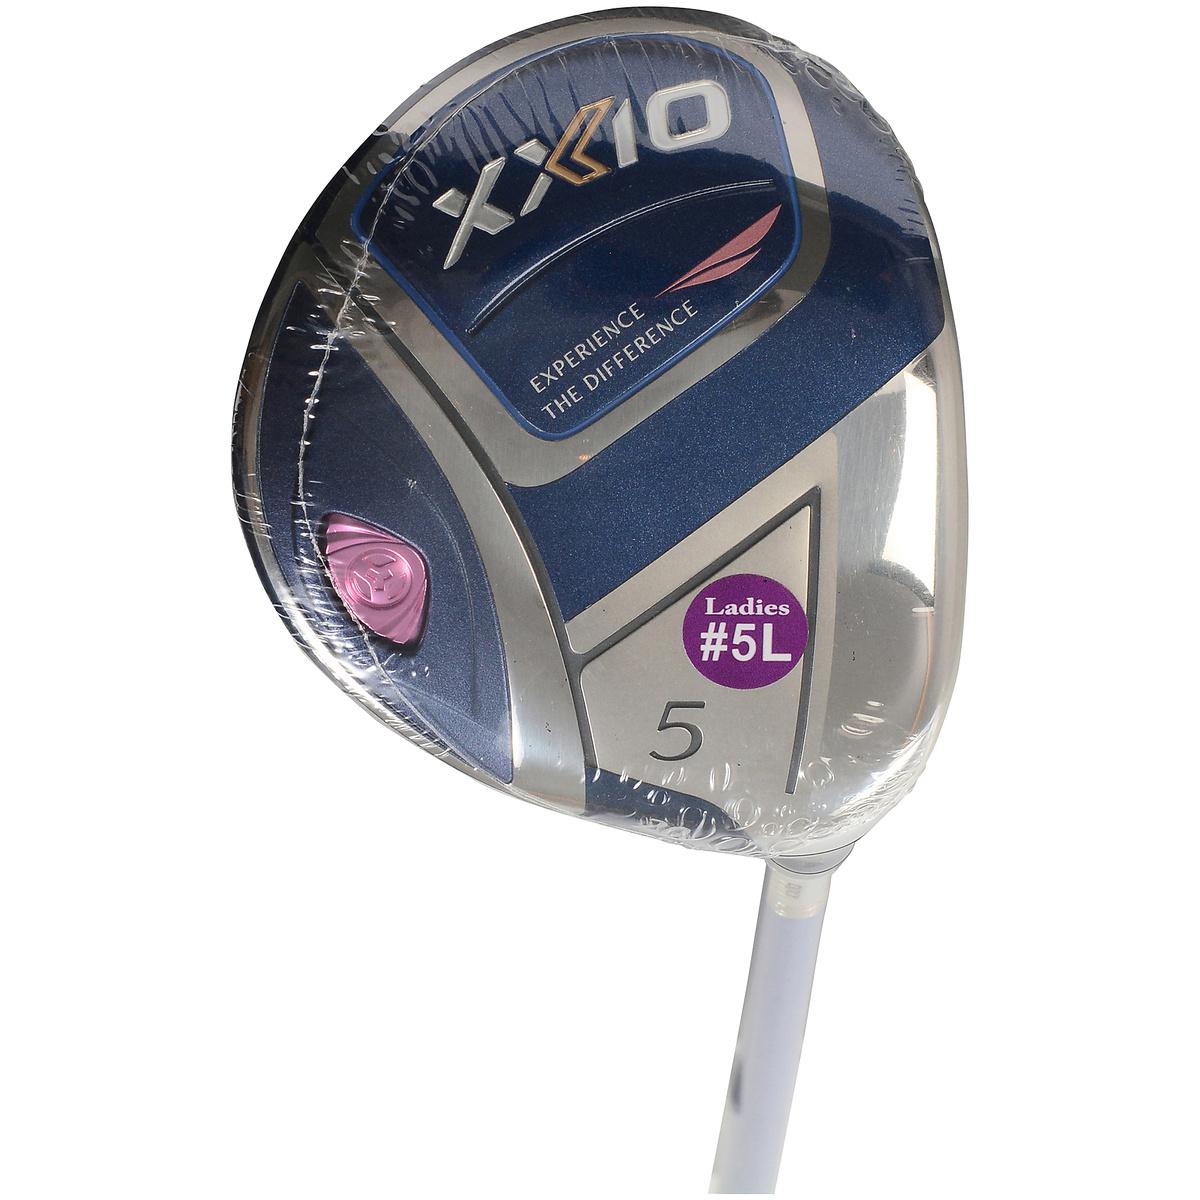 【送料無料】 XXIO (ゼクシオ) ゴルフ レディースウッド XXIO11 レディース ブル-FW#5L メンズ XX11LBLFW 5 L